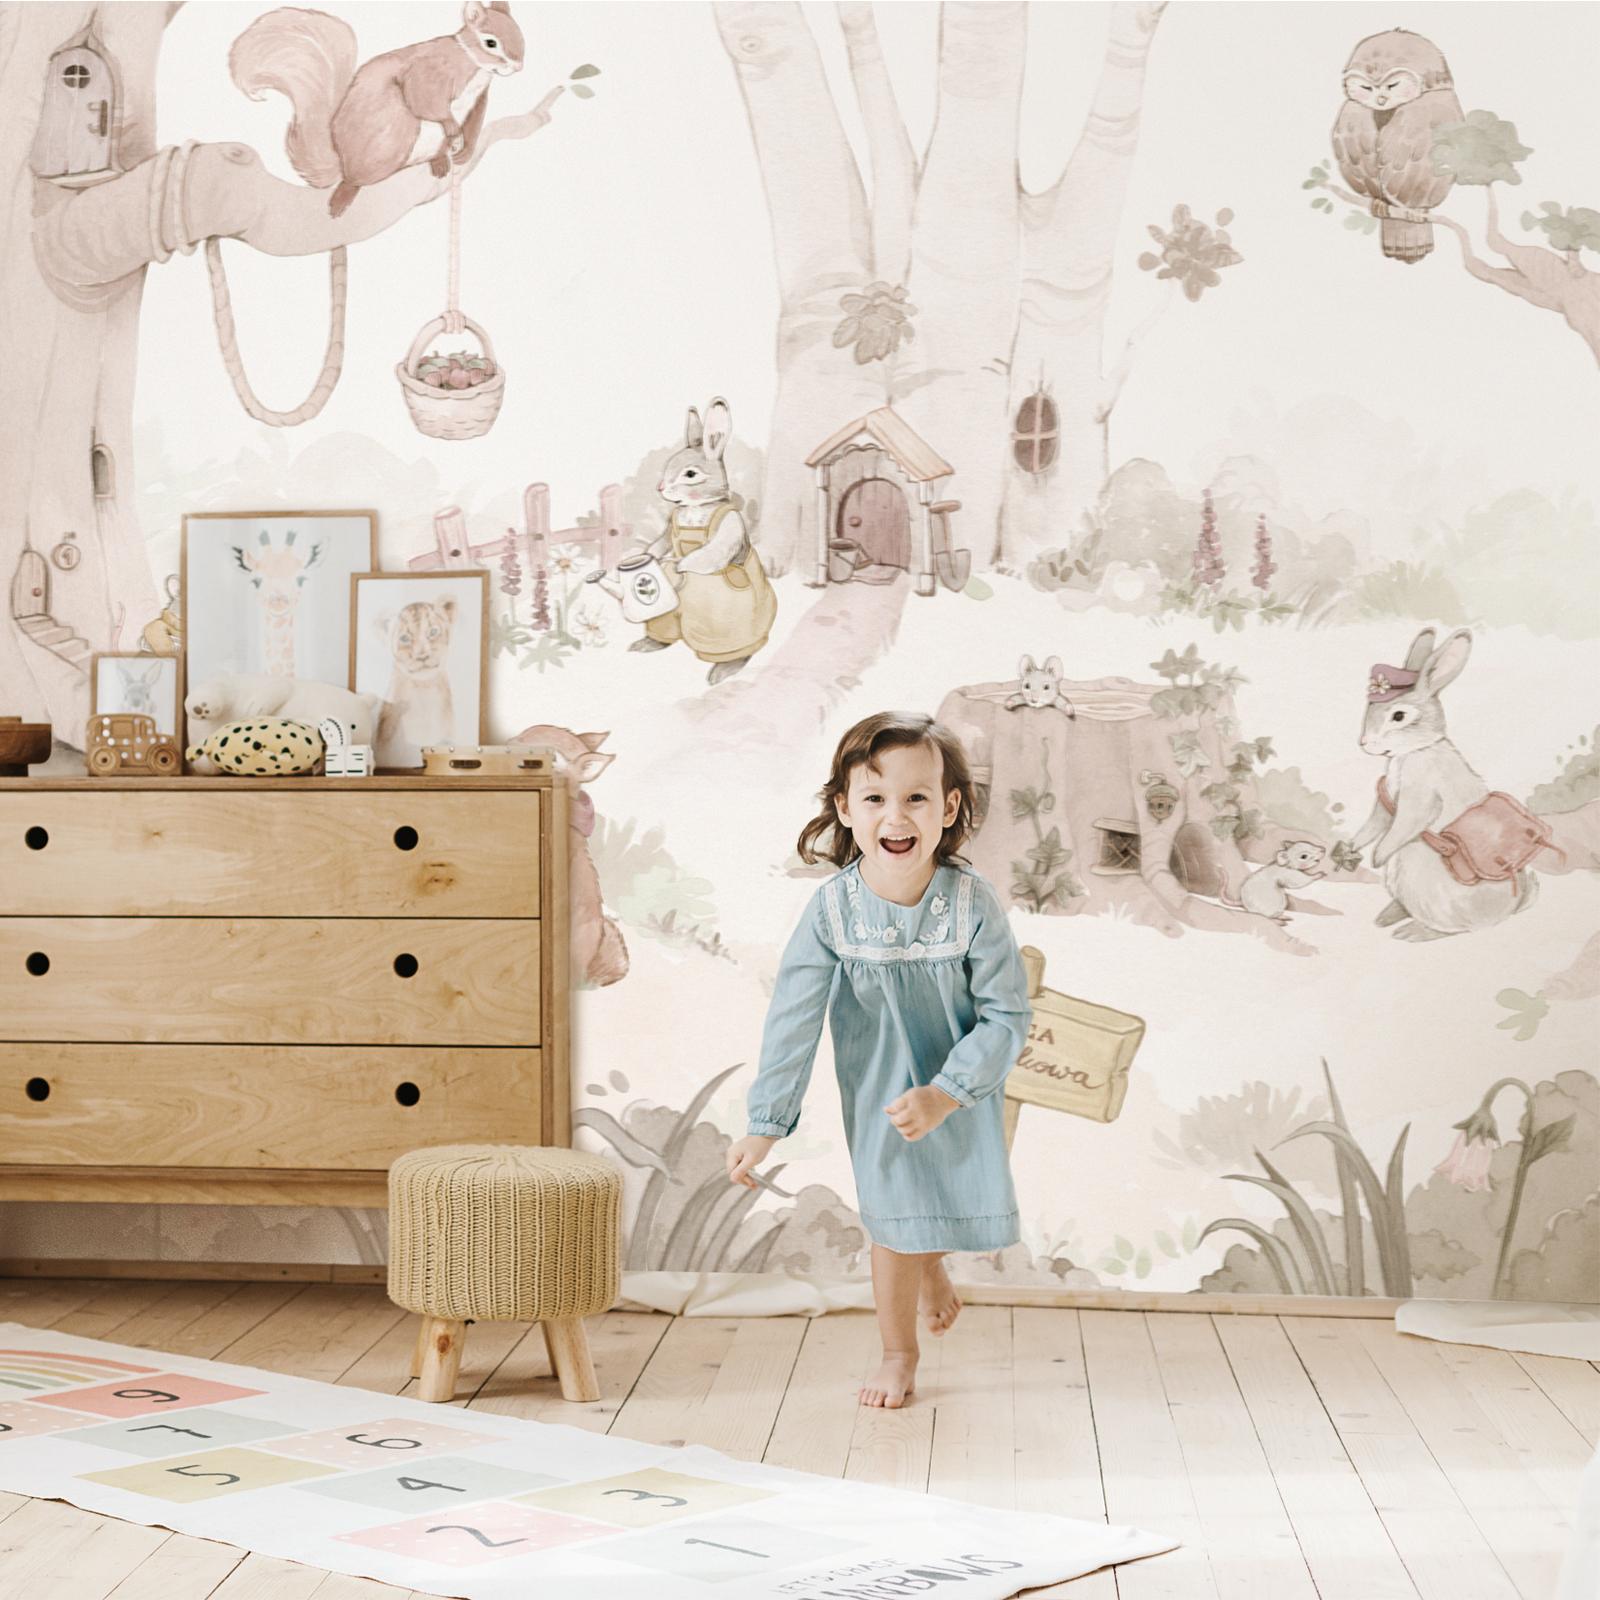 tapeta-ze-zwierzetami-dla-dzieci-las